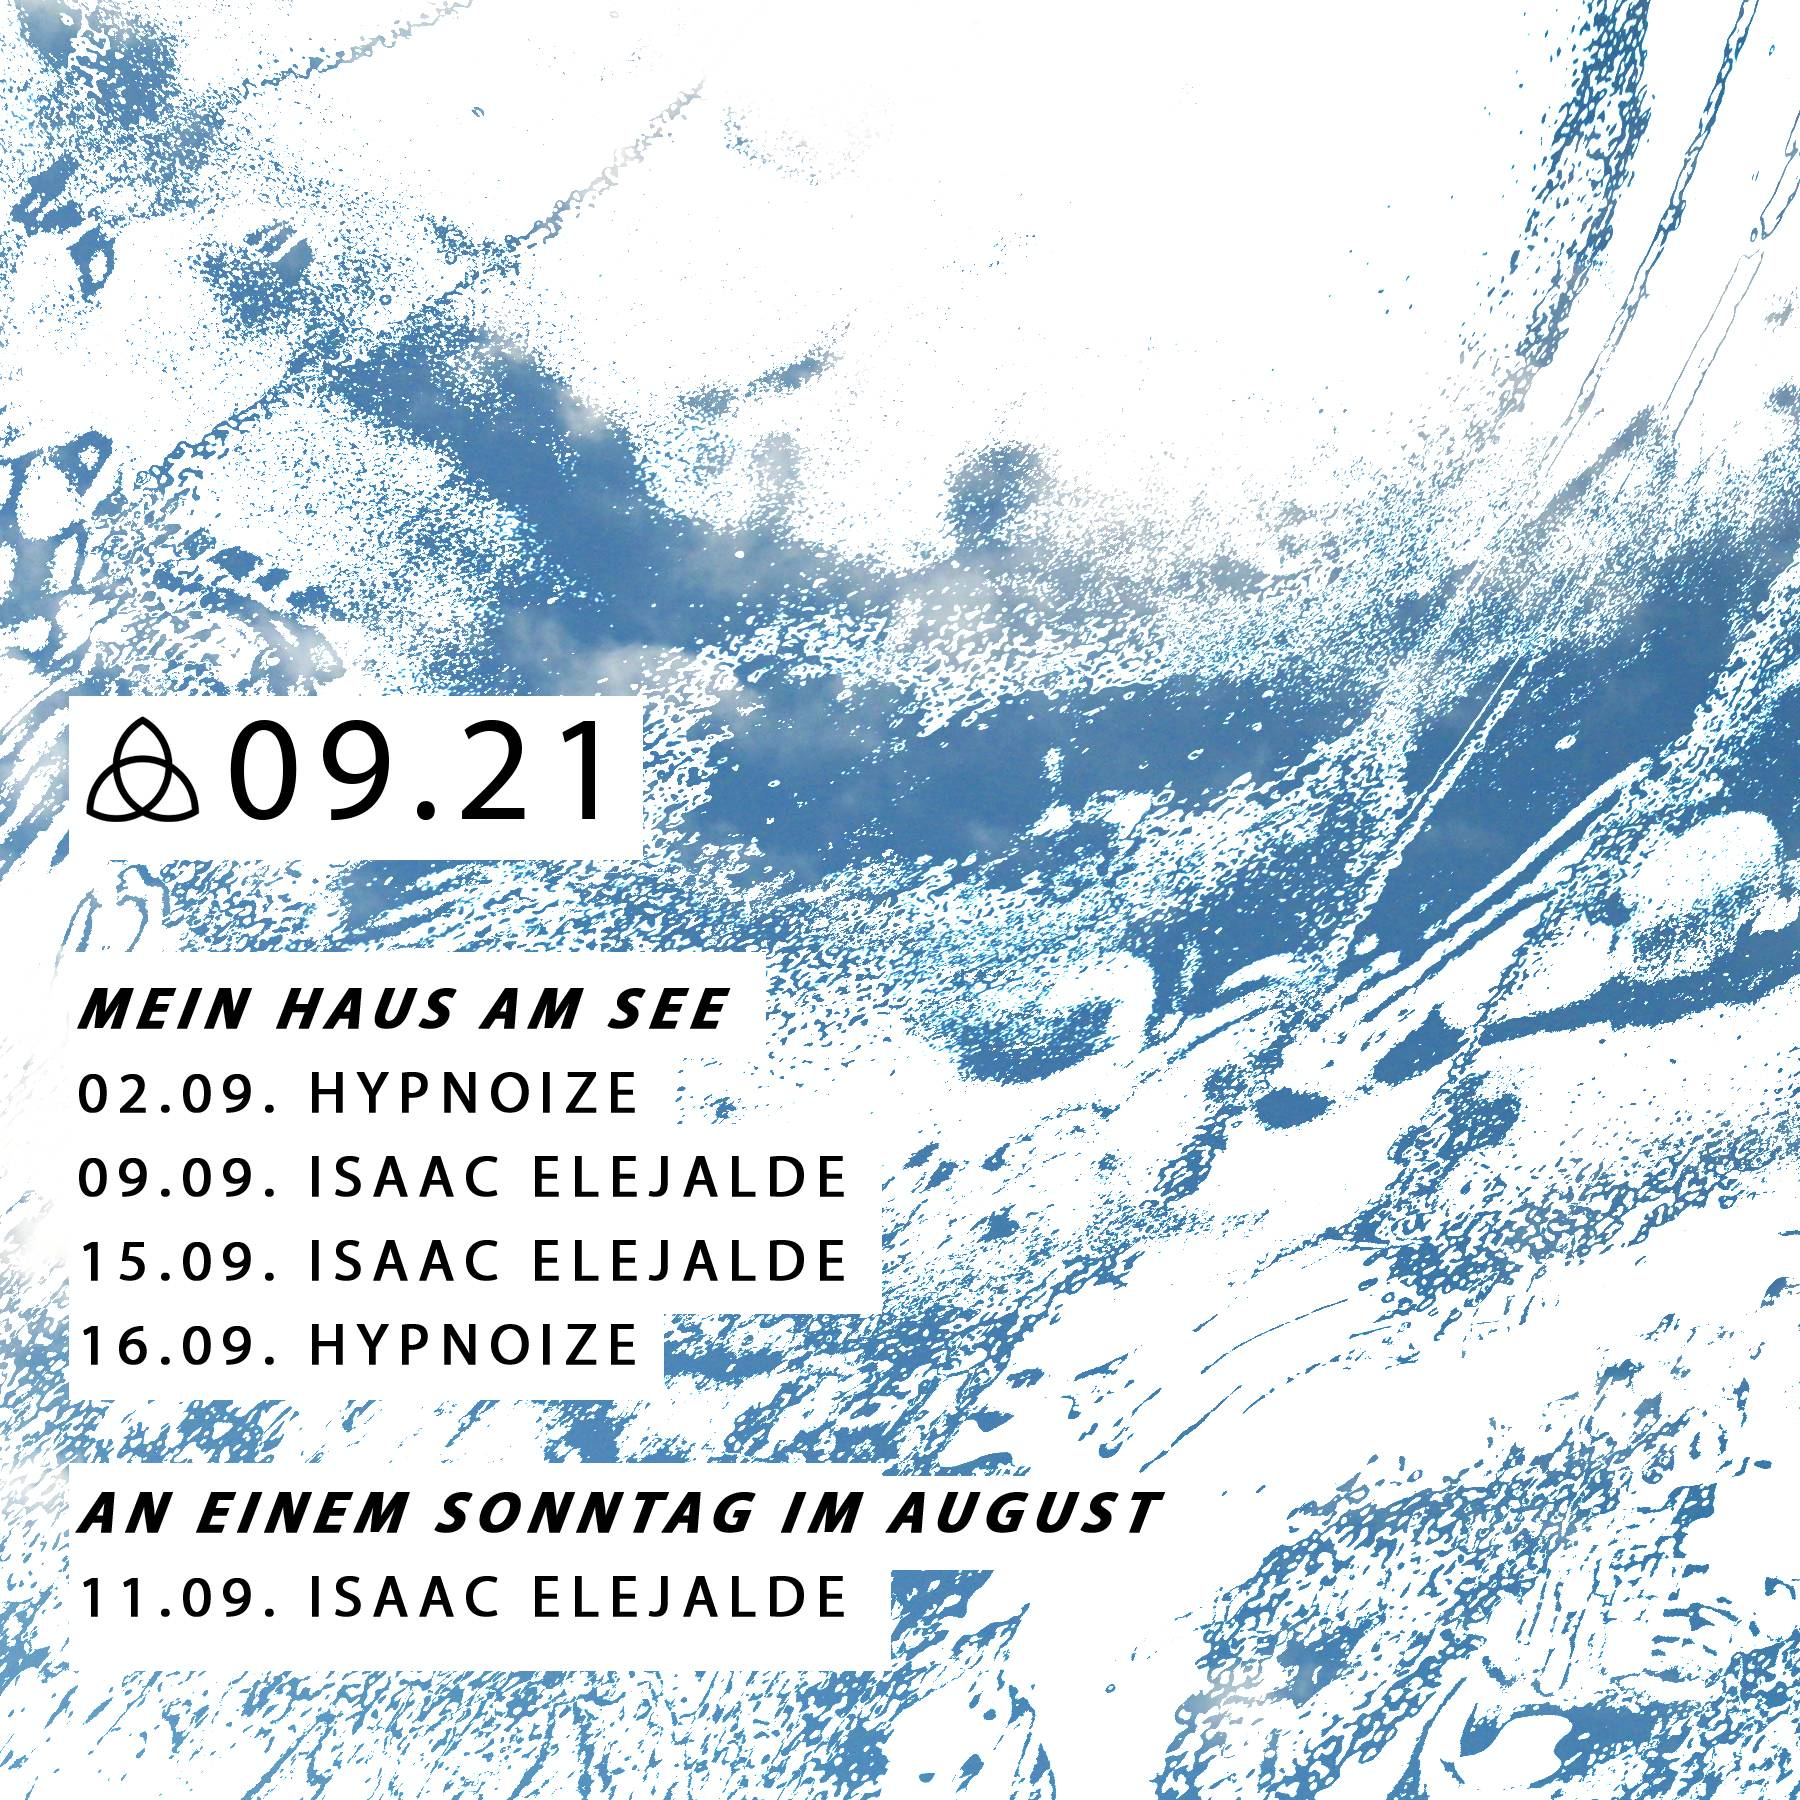 Intaresu's September gigs